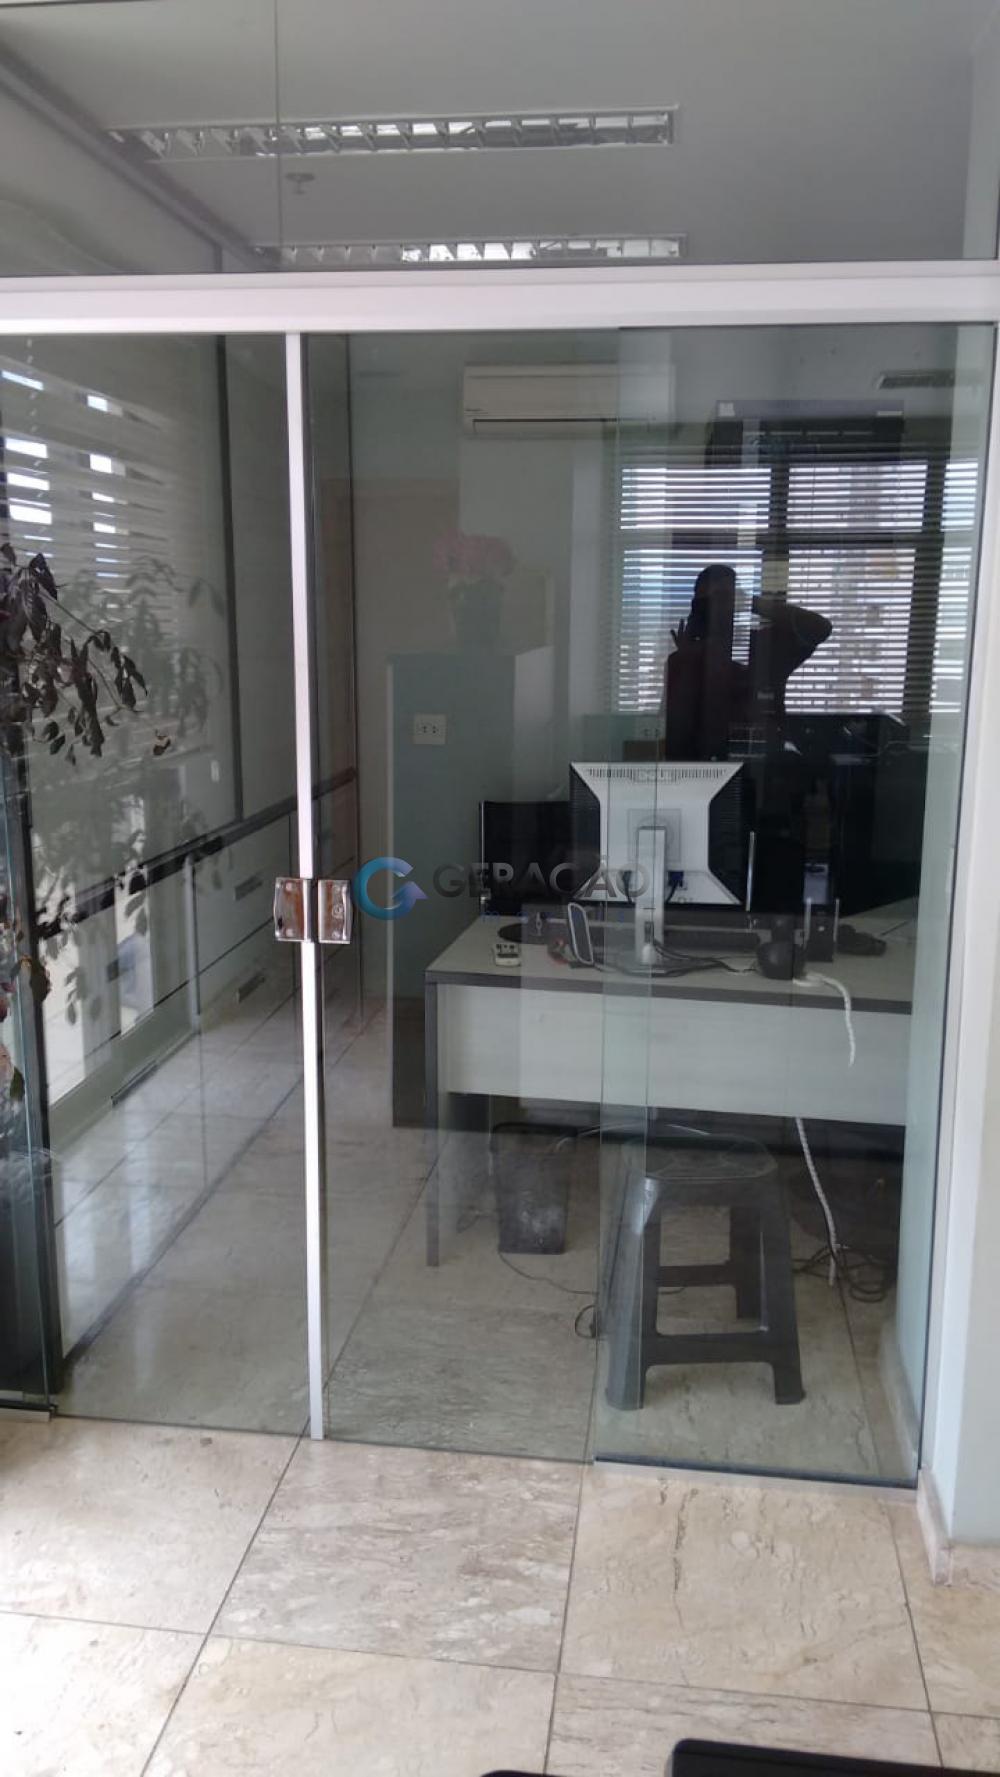 Alugar Comercial / Sala em Condomínio em São José dos Campos R$ 5.000,00 - Foto 4